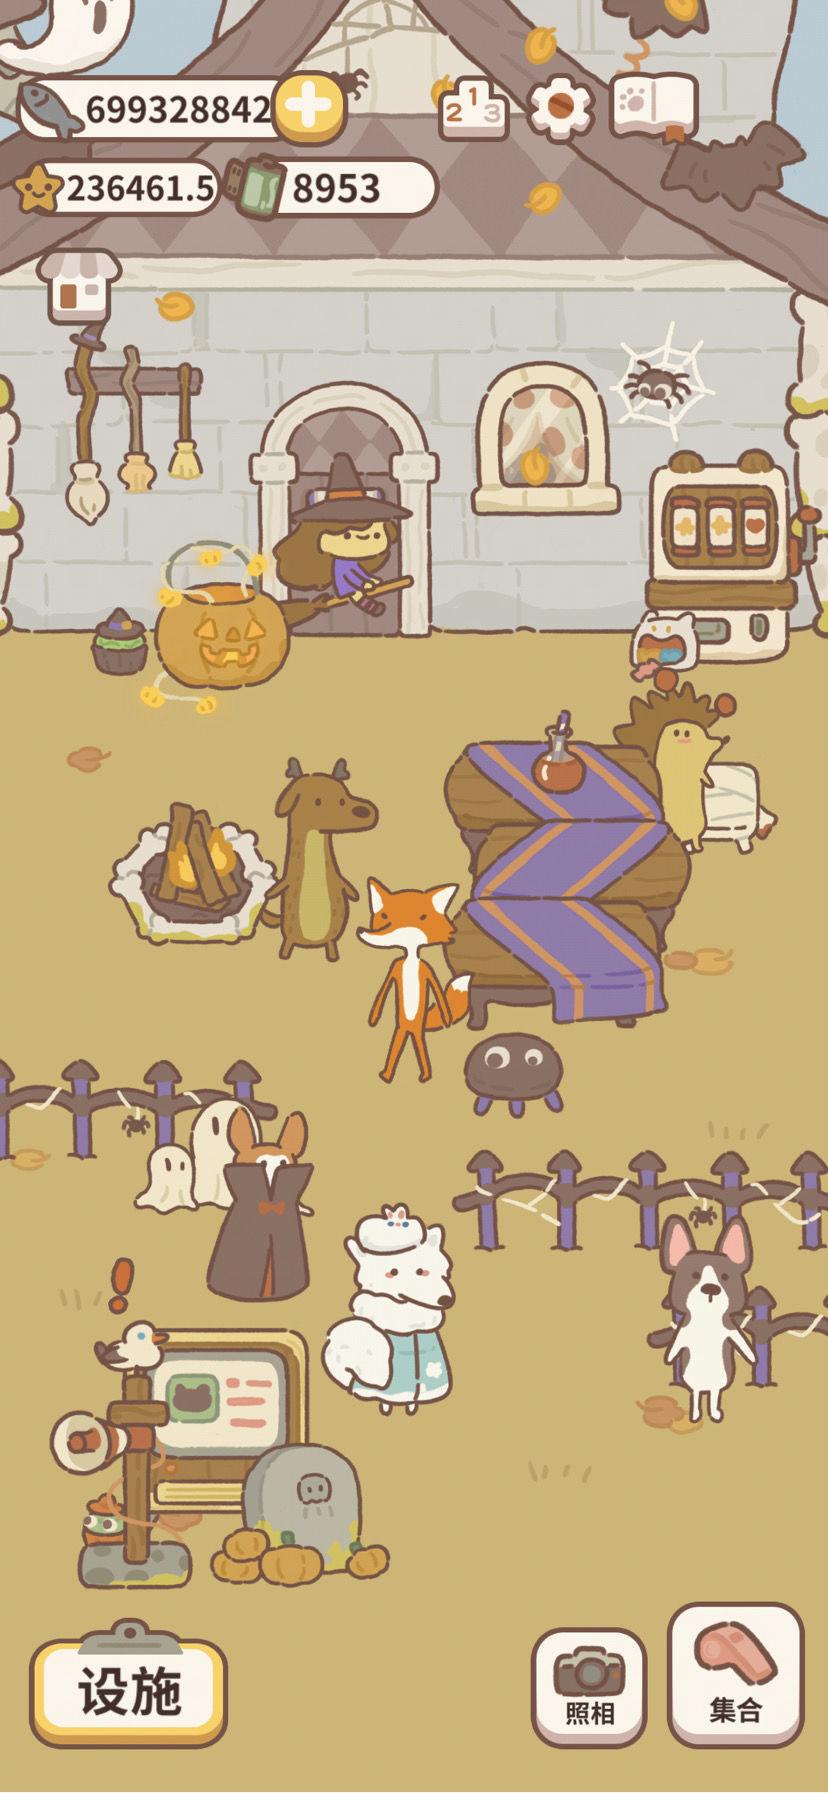 动物餐厅万圣节活动攻略 万圣节奖励快速获取分享